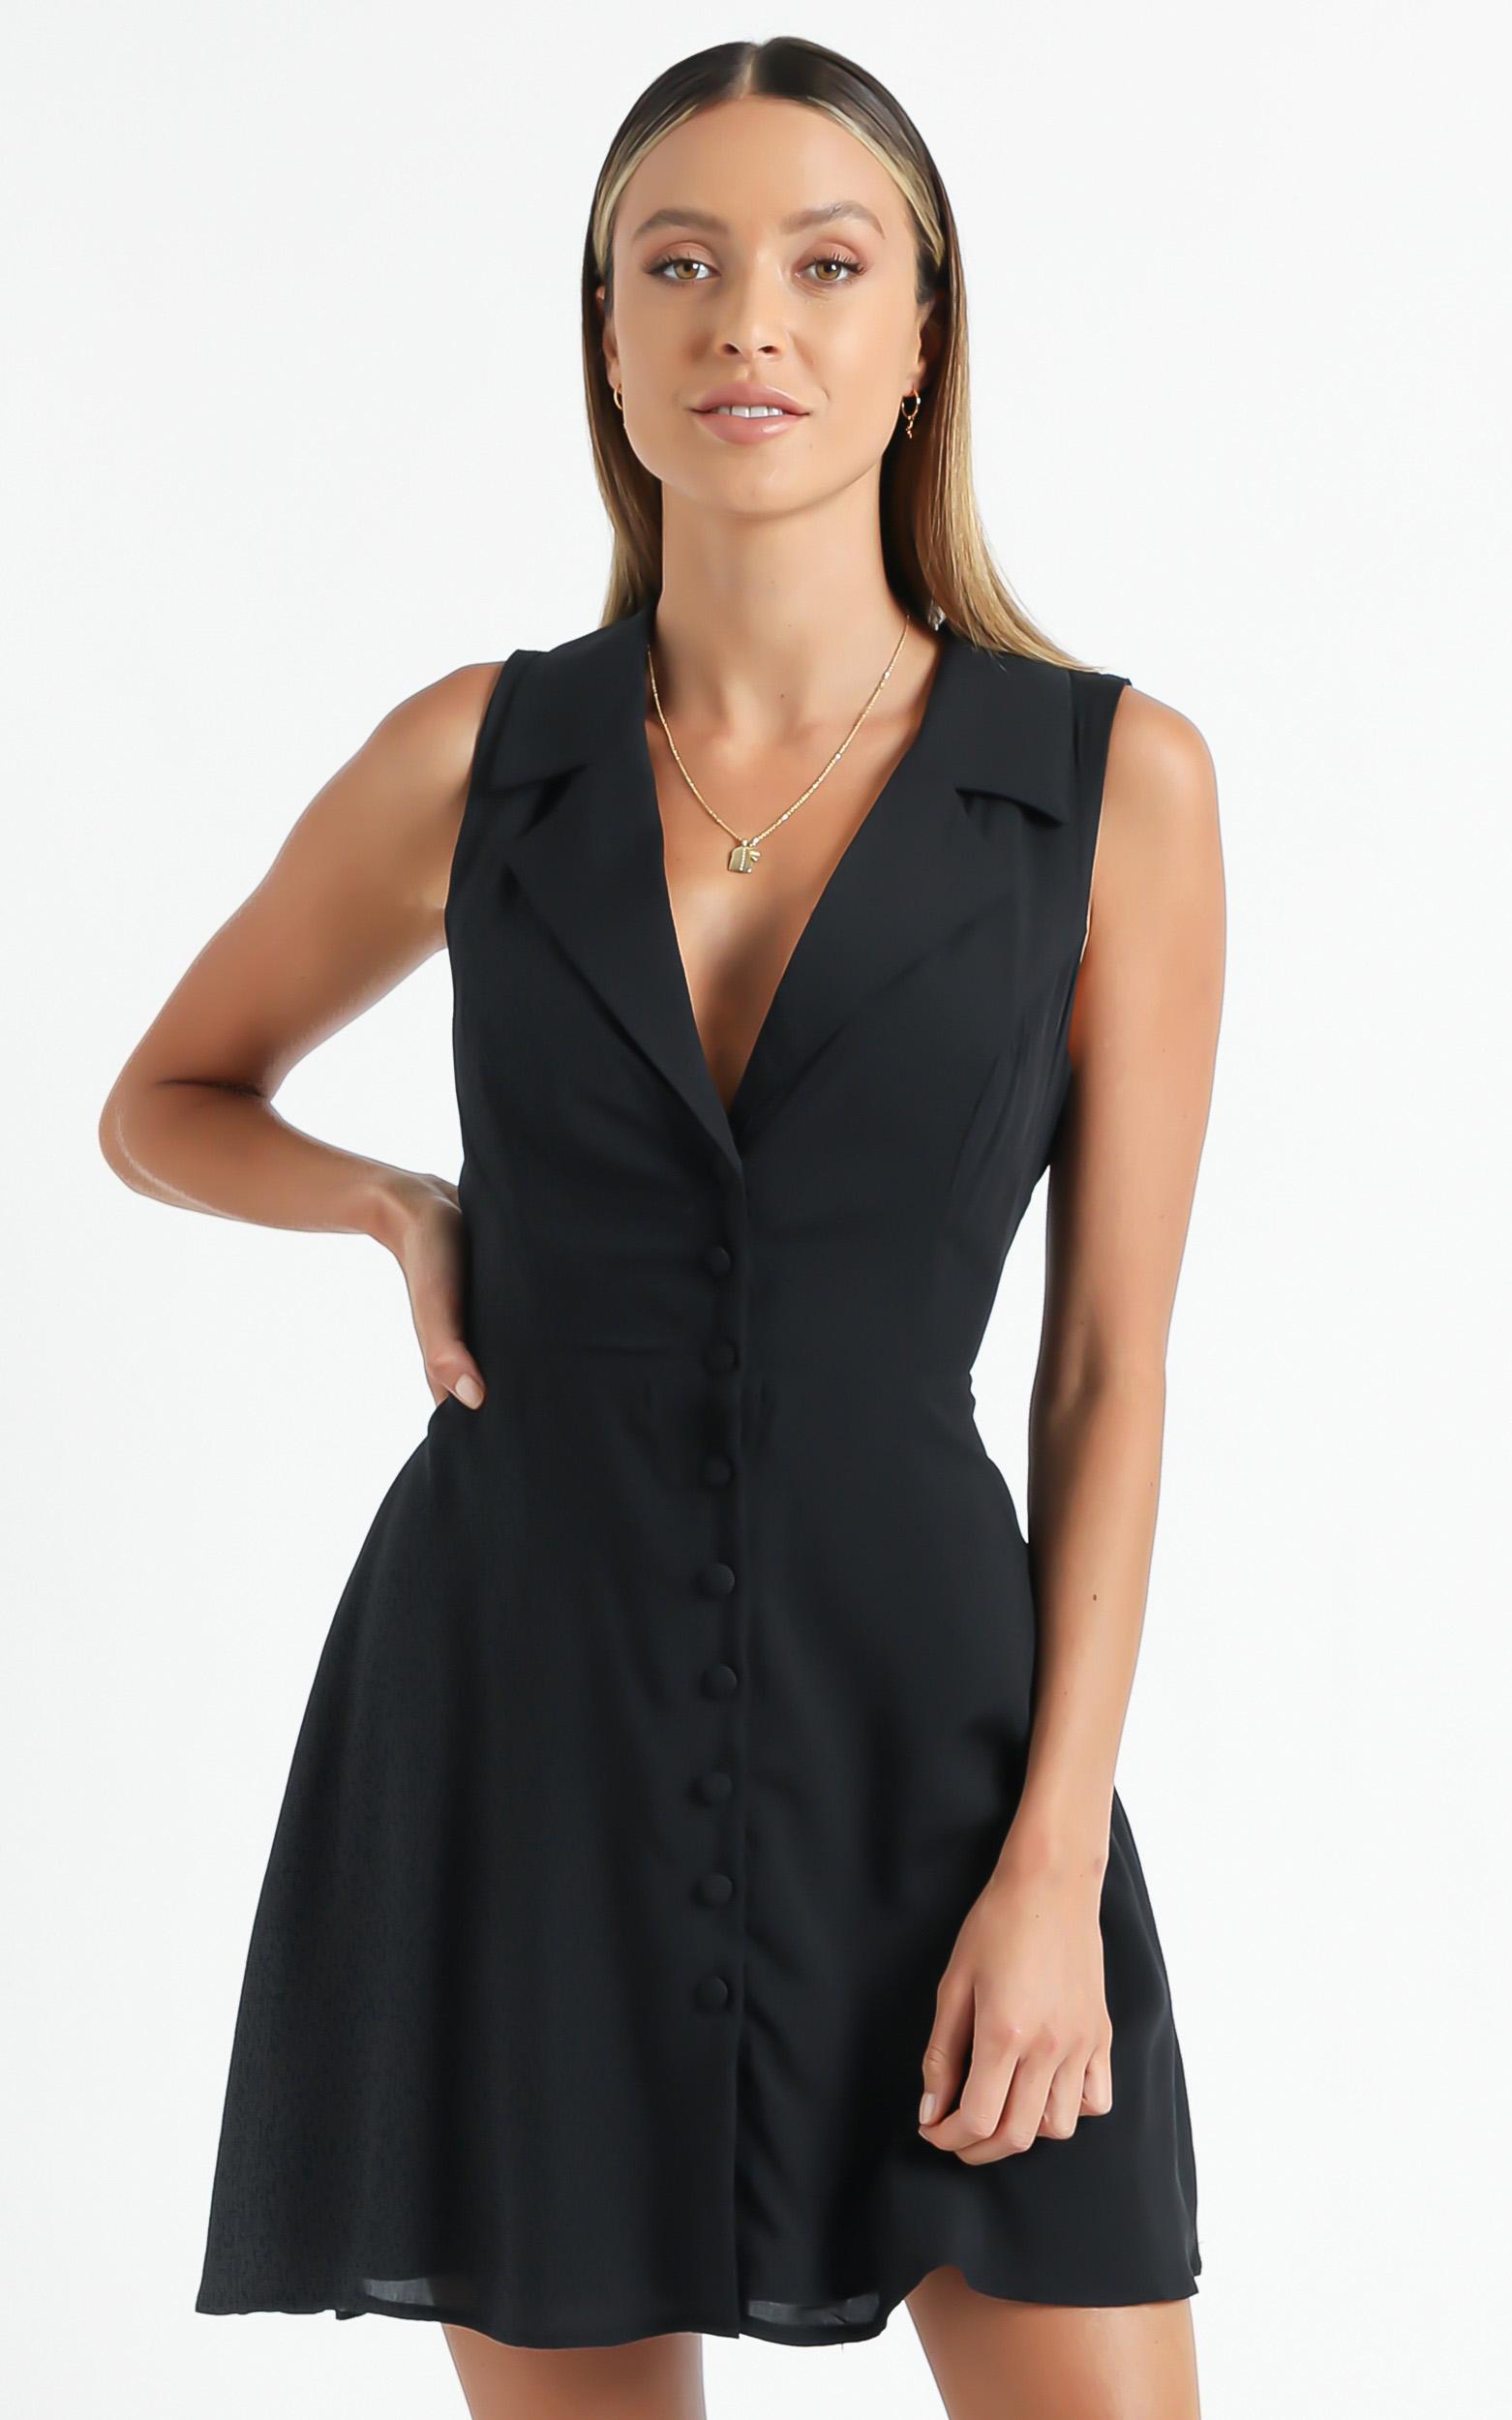 Nimos Dress in Black - 6 (XS), Black, hi-res image number null